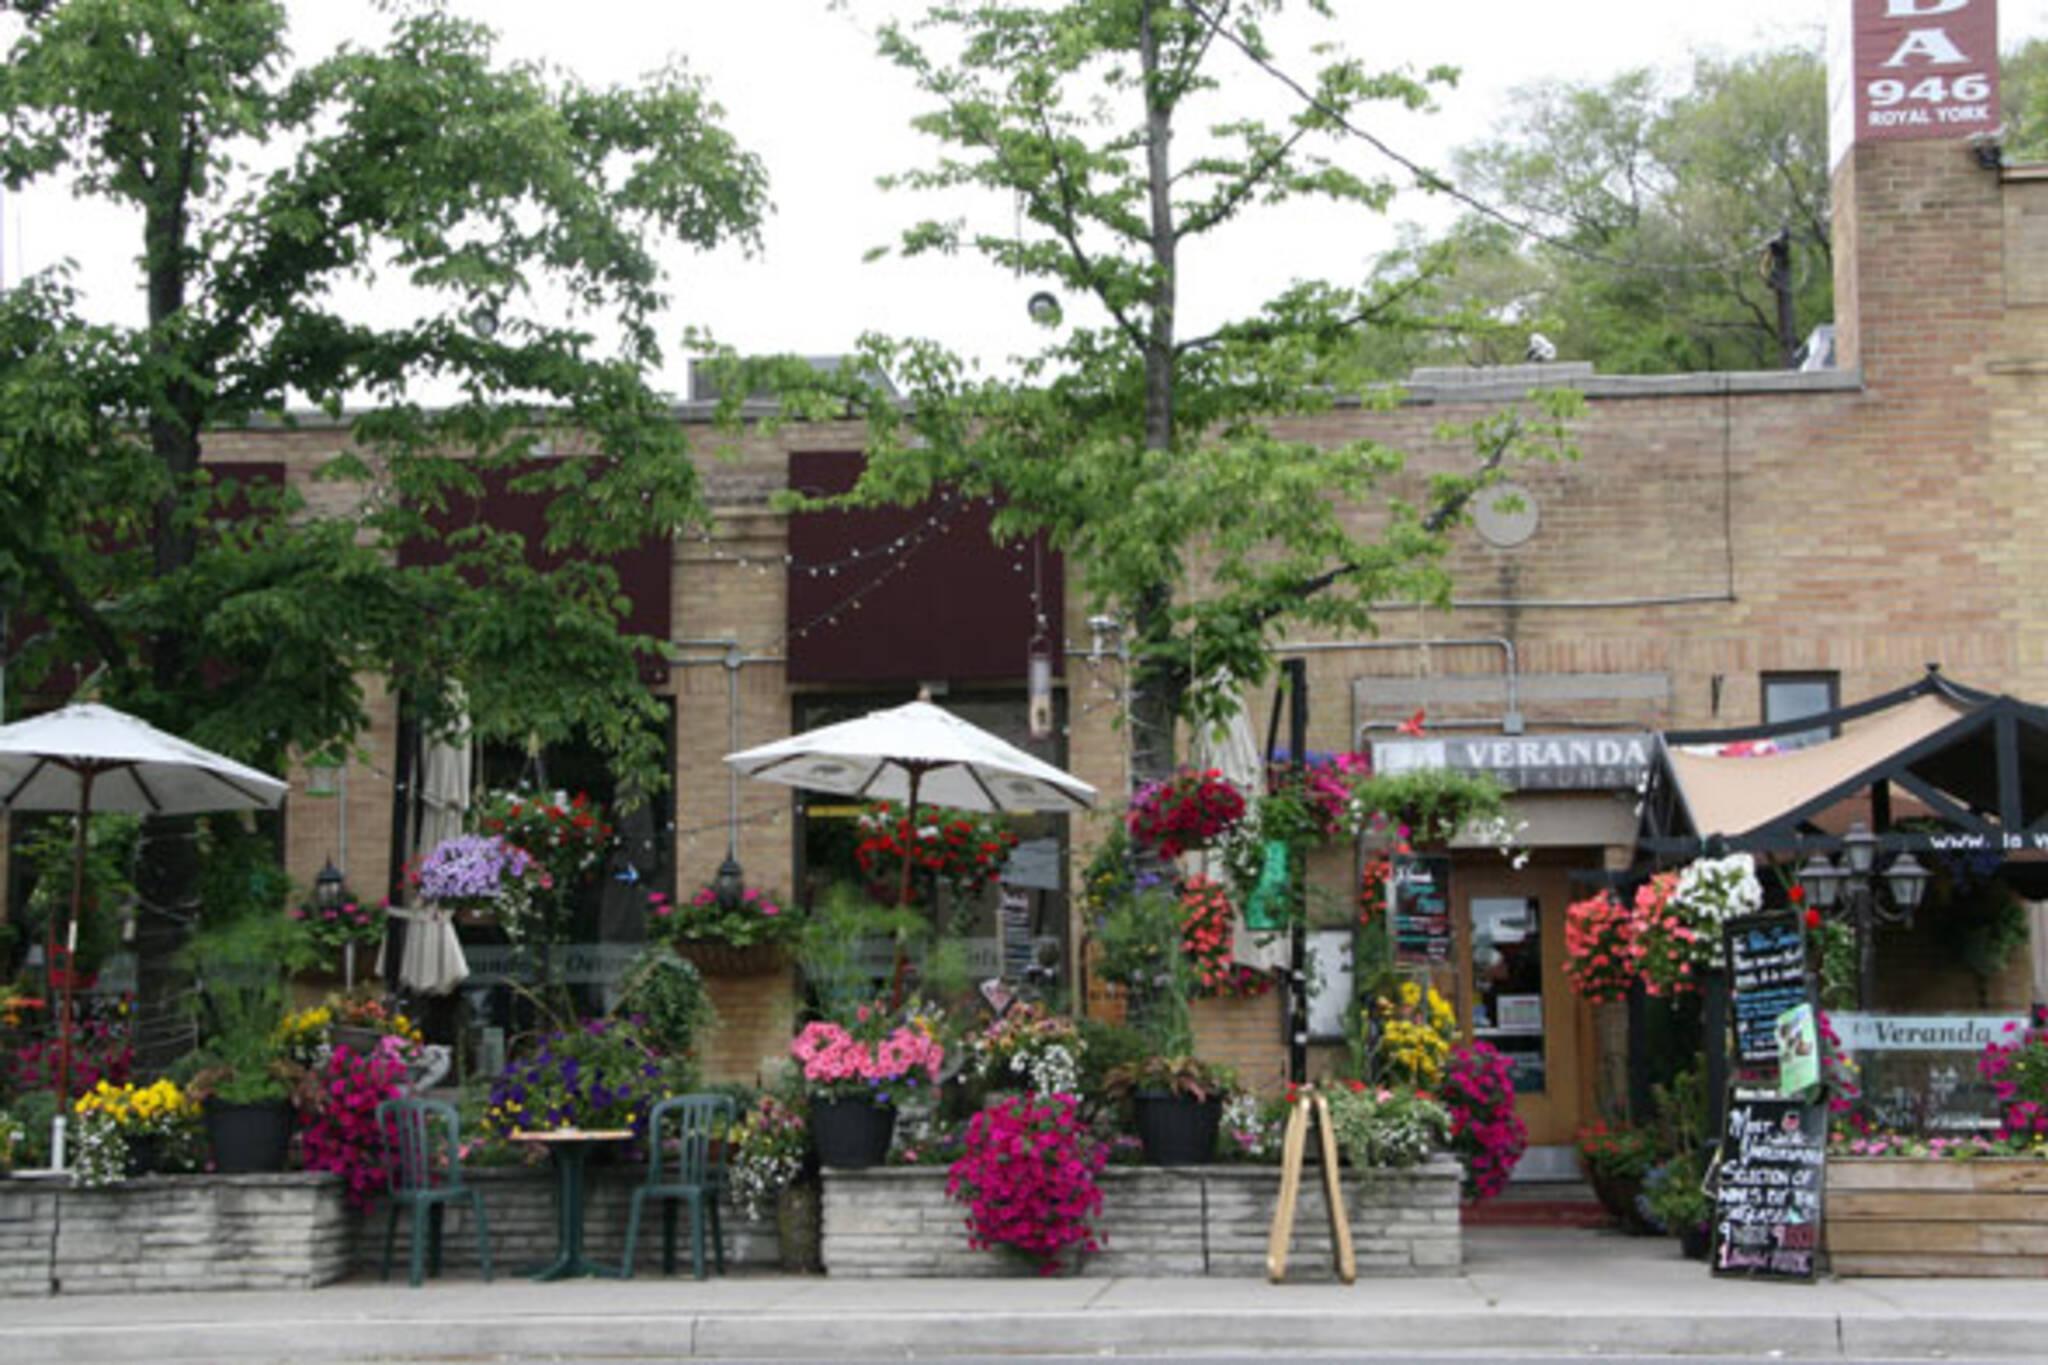 La Veranda Osteria Toronto